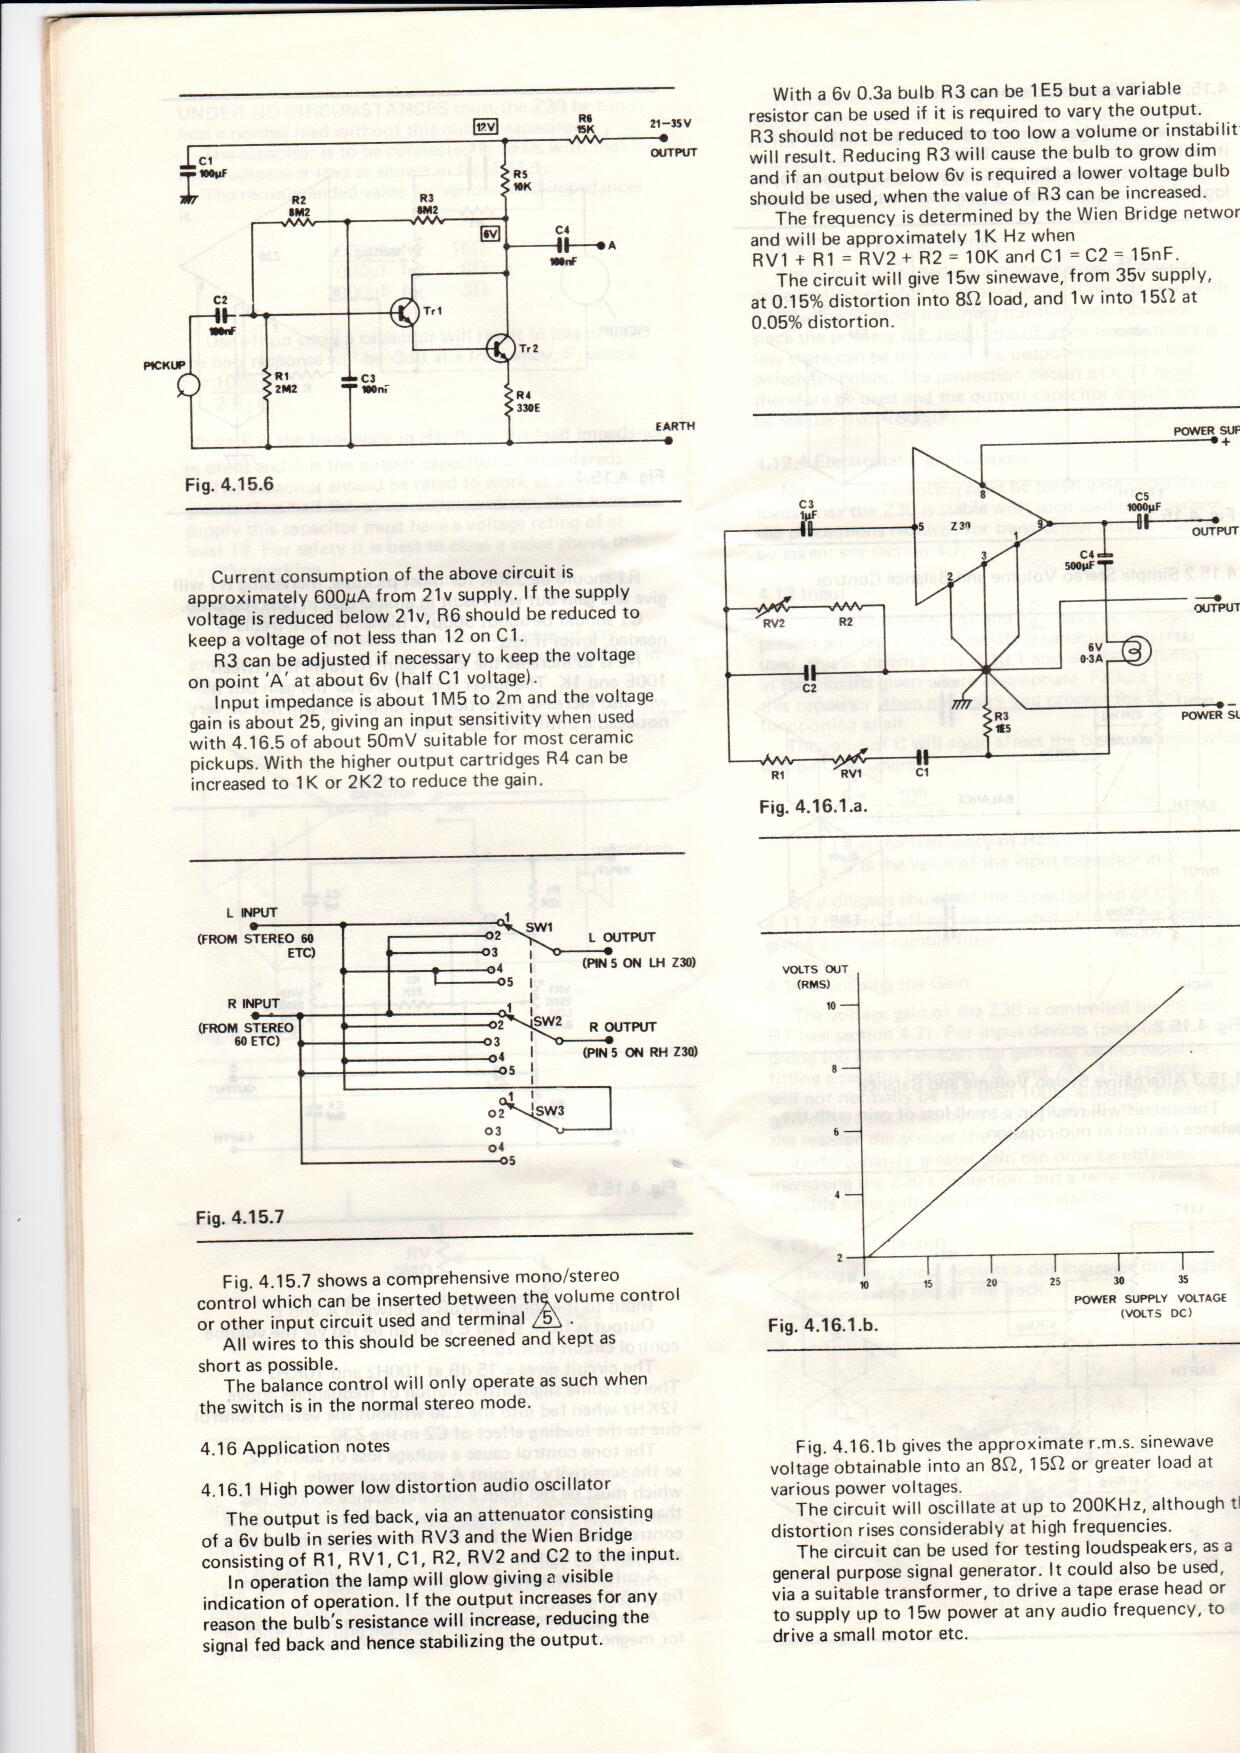 Sinclair Radionics Project 60 Manual: Contents